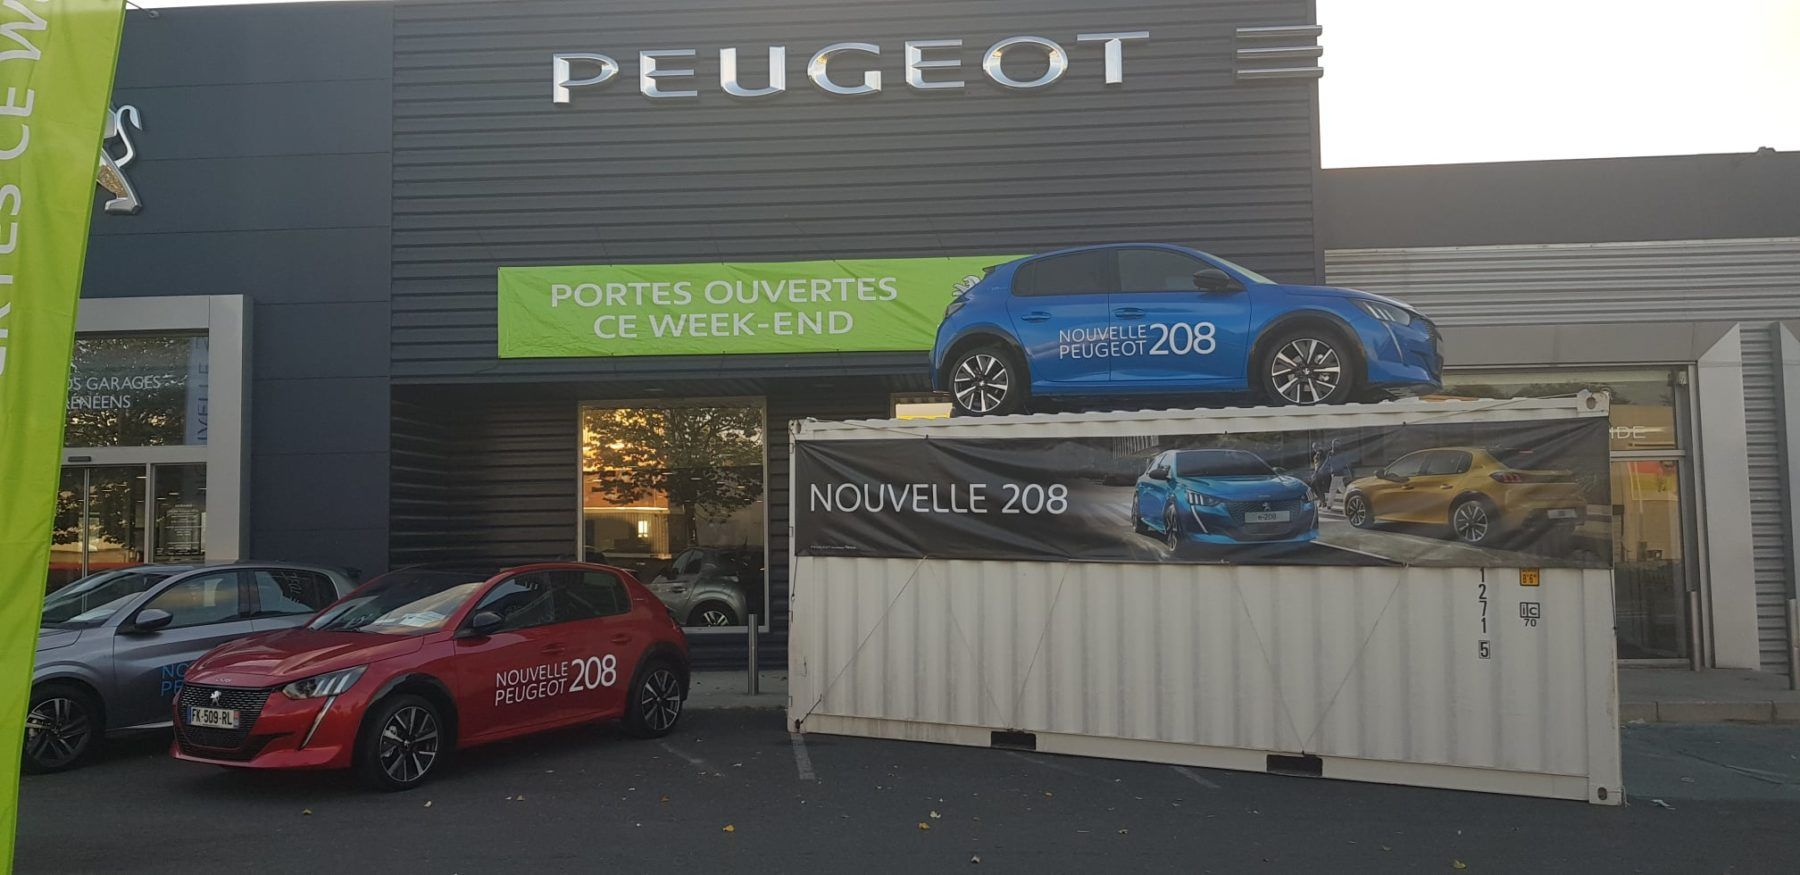 container-peugeot-Perpignan